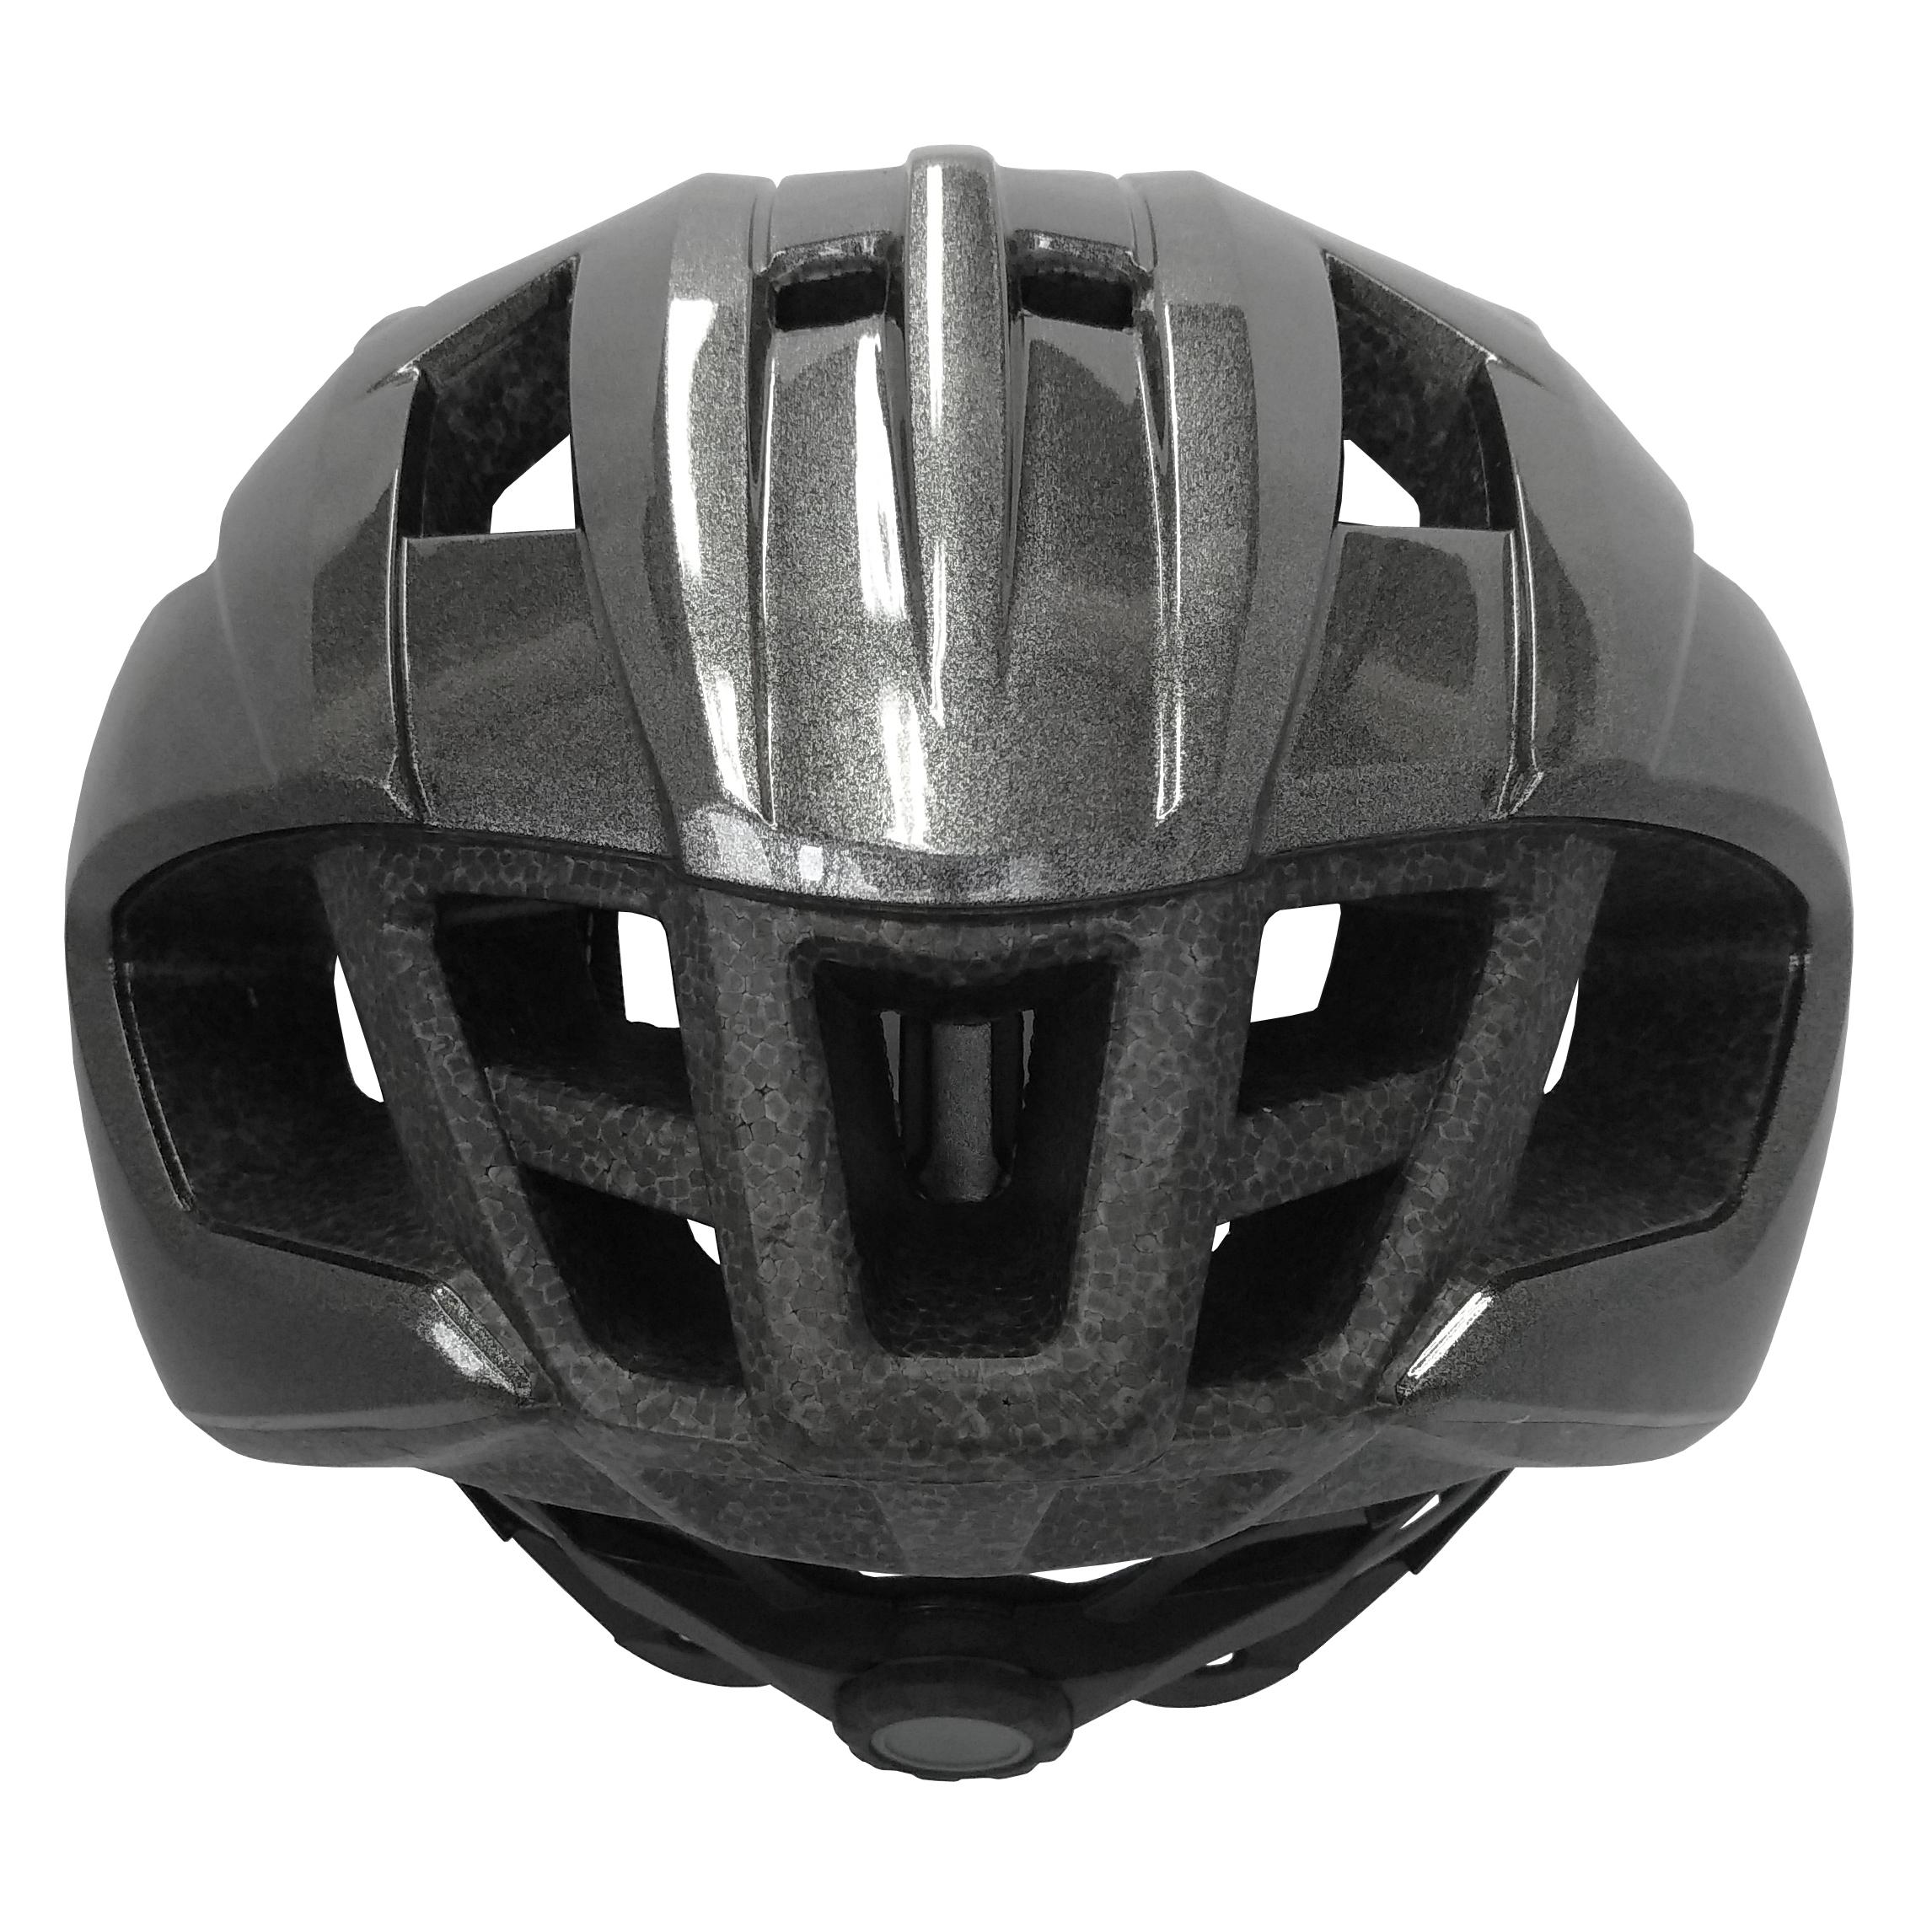 B3-20L Bicycle Helmet